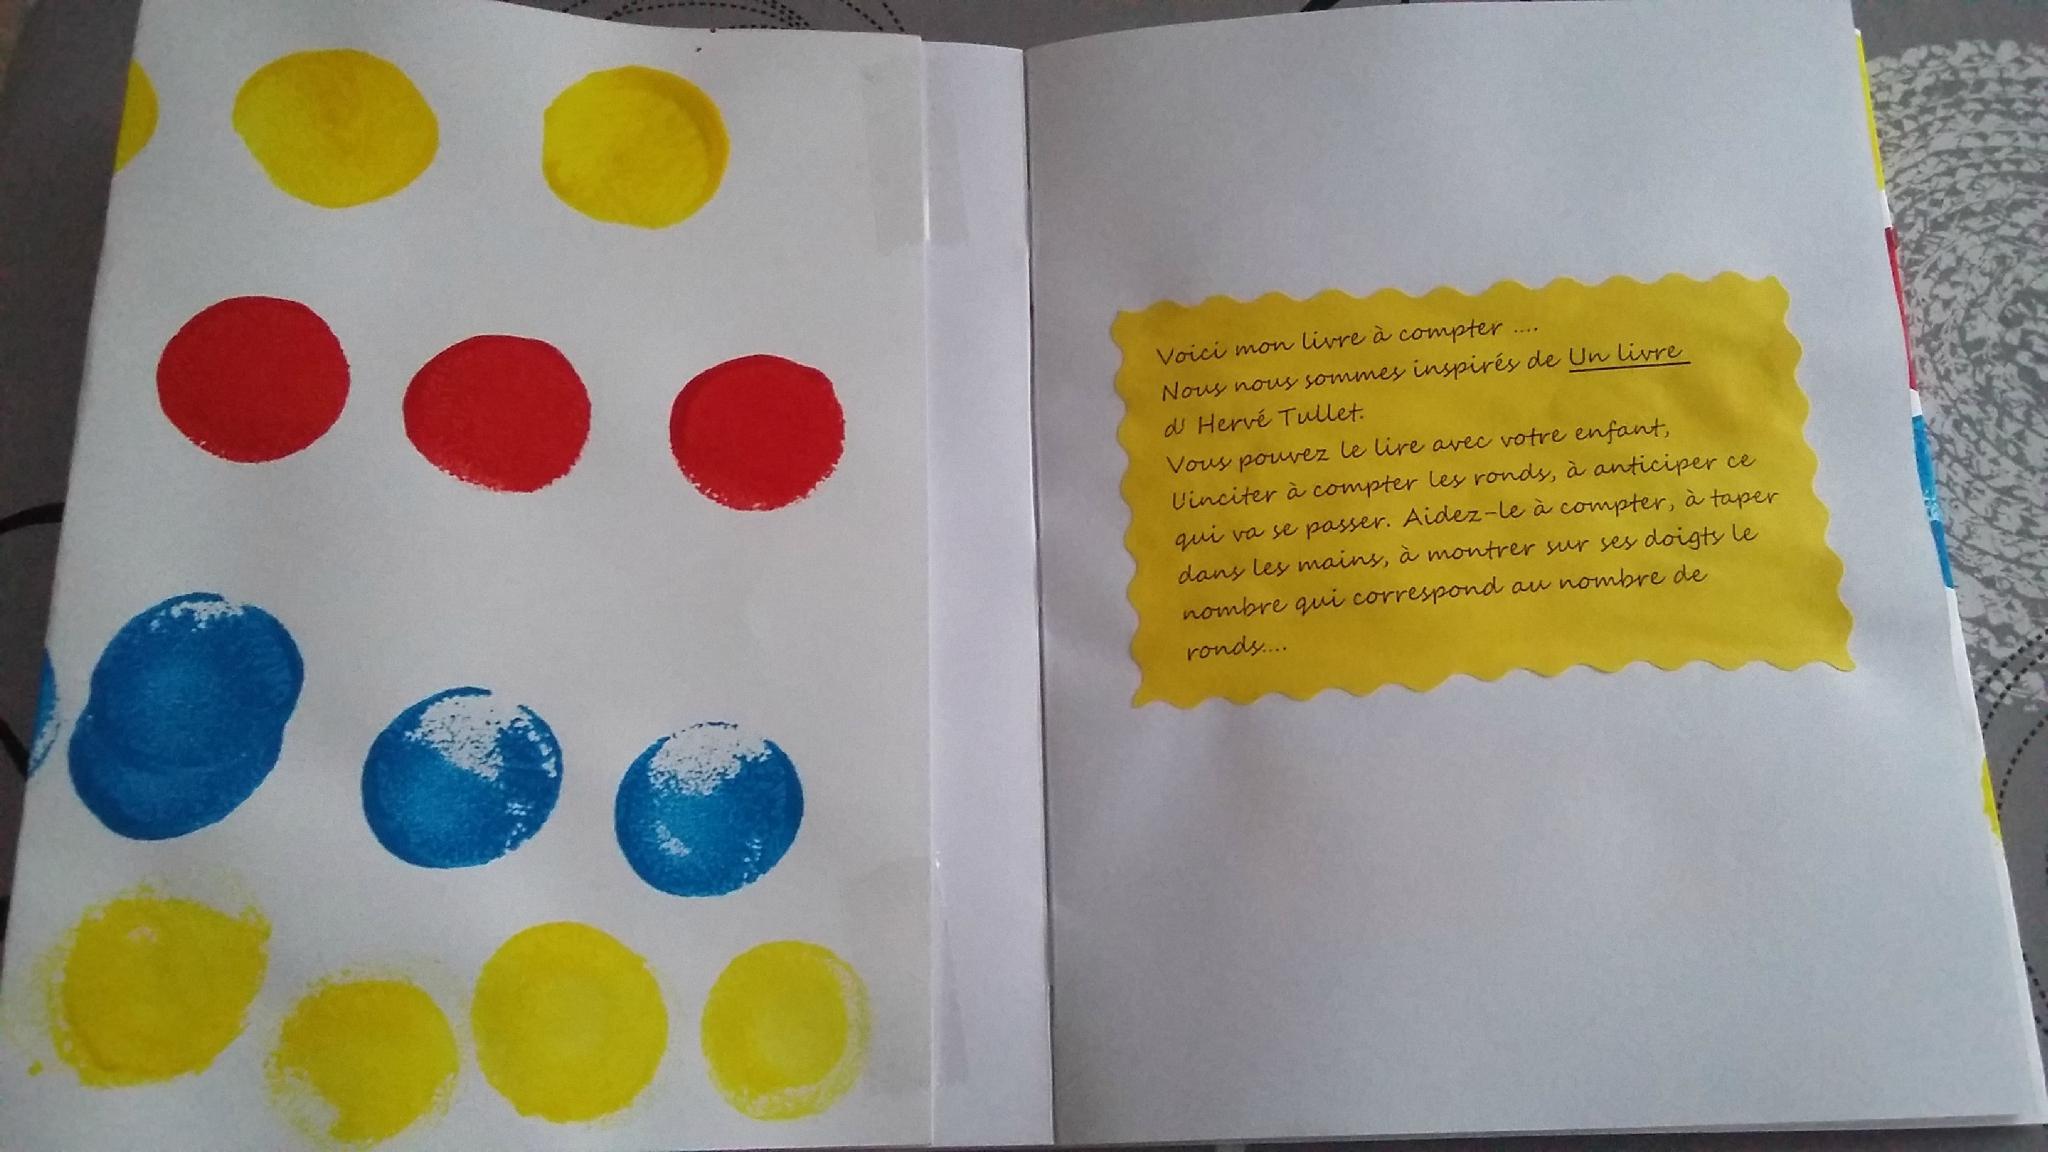 Livre À Compter Un Livre Tullet - La Classe Des Petits intérieur Livre Graphisme Maternelle